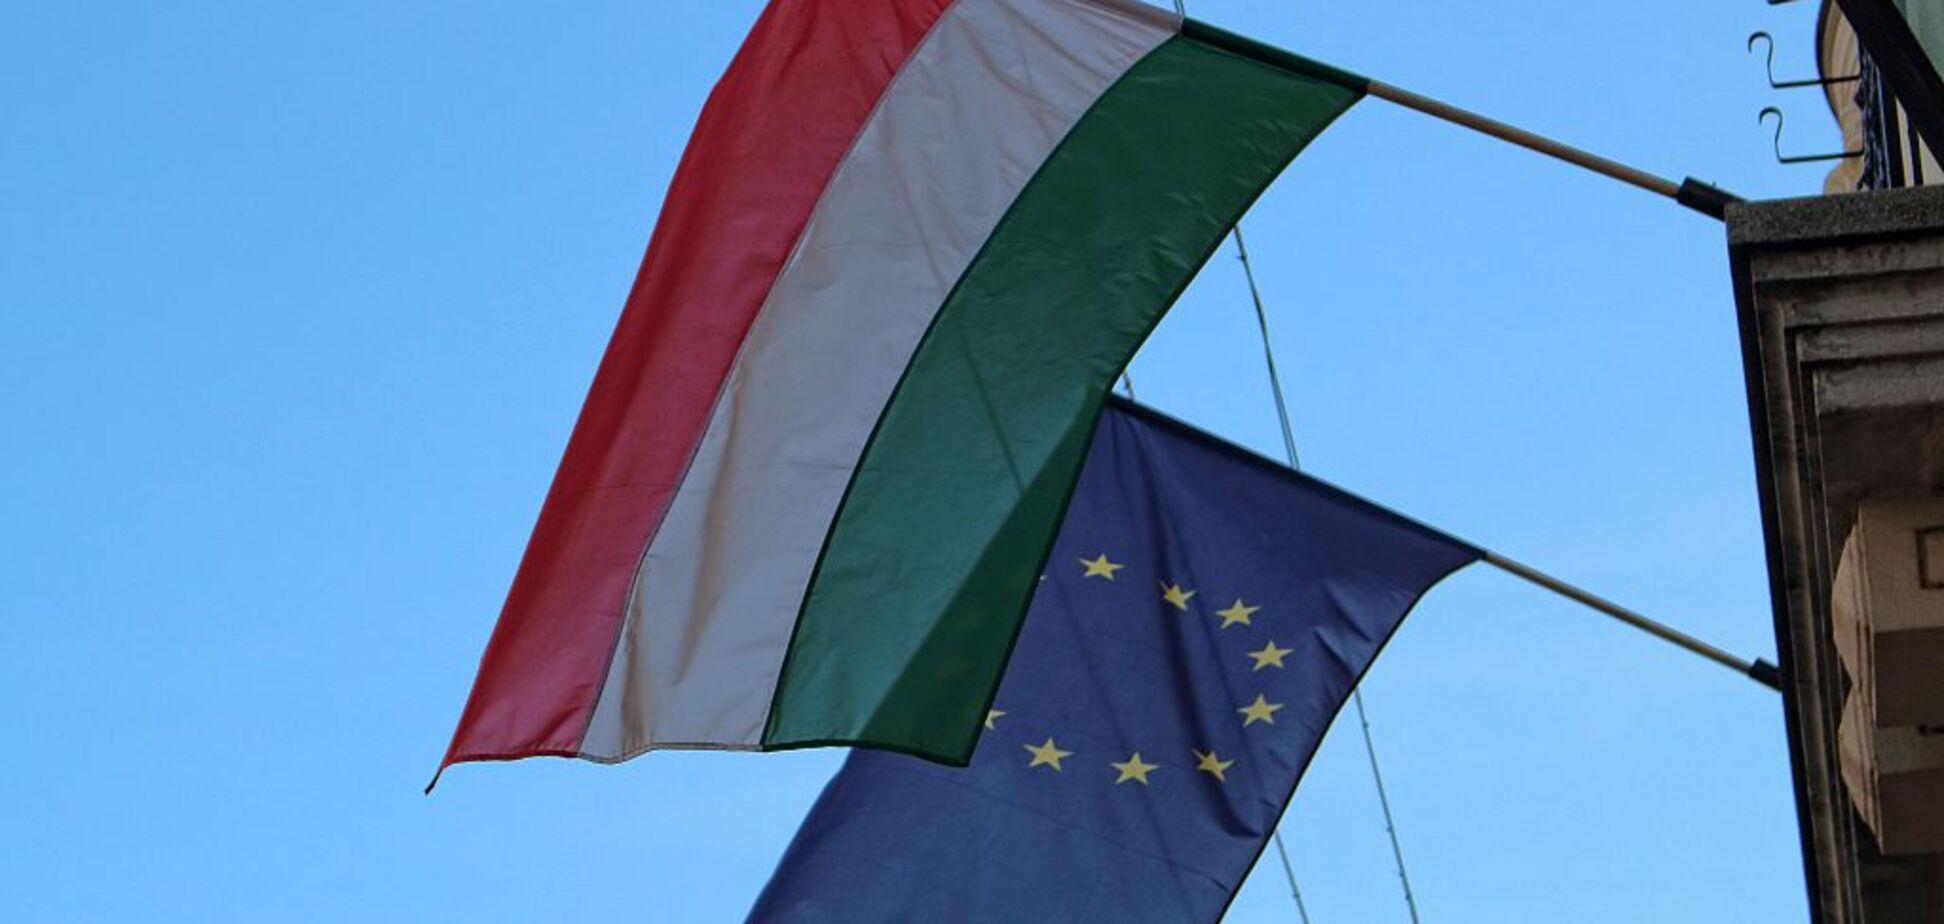 'Грязная политика': в ЕС раскритиковали требование Венгрии по Украине